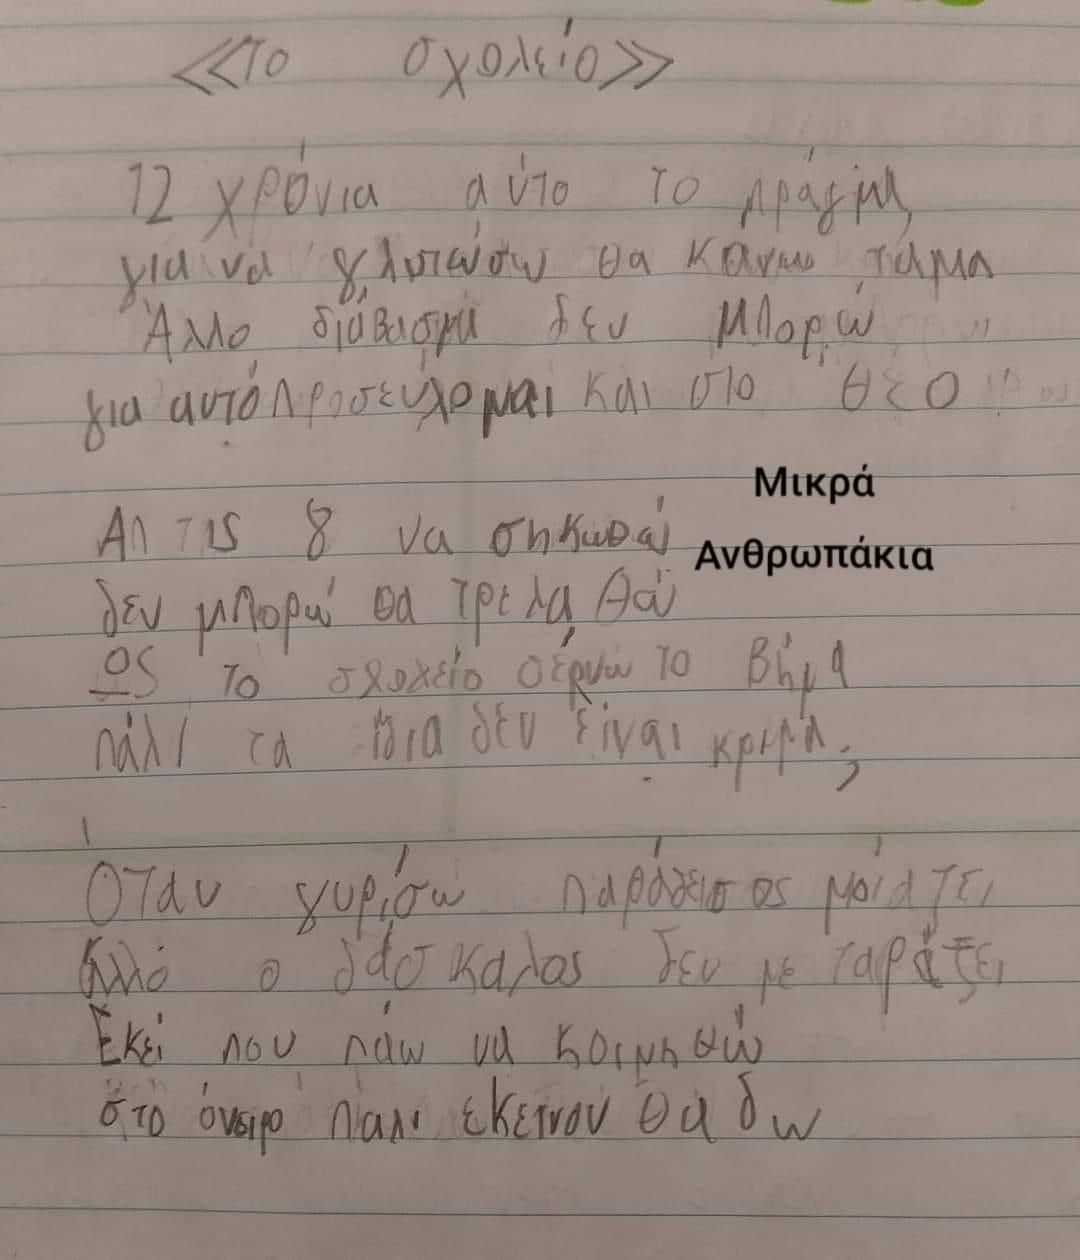 """""""Άλλο διάβασμα δεν μπορώ, προσεύχομαι στο Θεό"""": Το ποίημα που έγραψε ένας μικρός μαθητής για το σχολείο"""